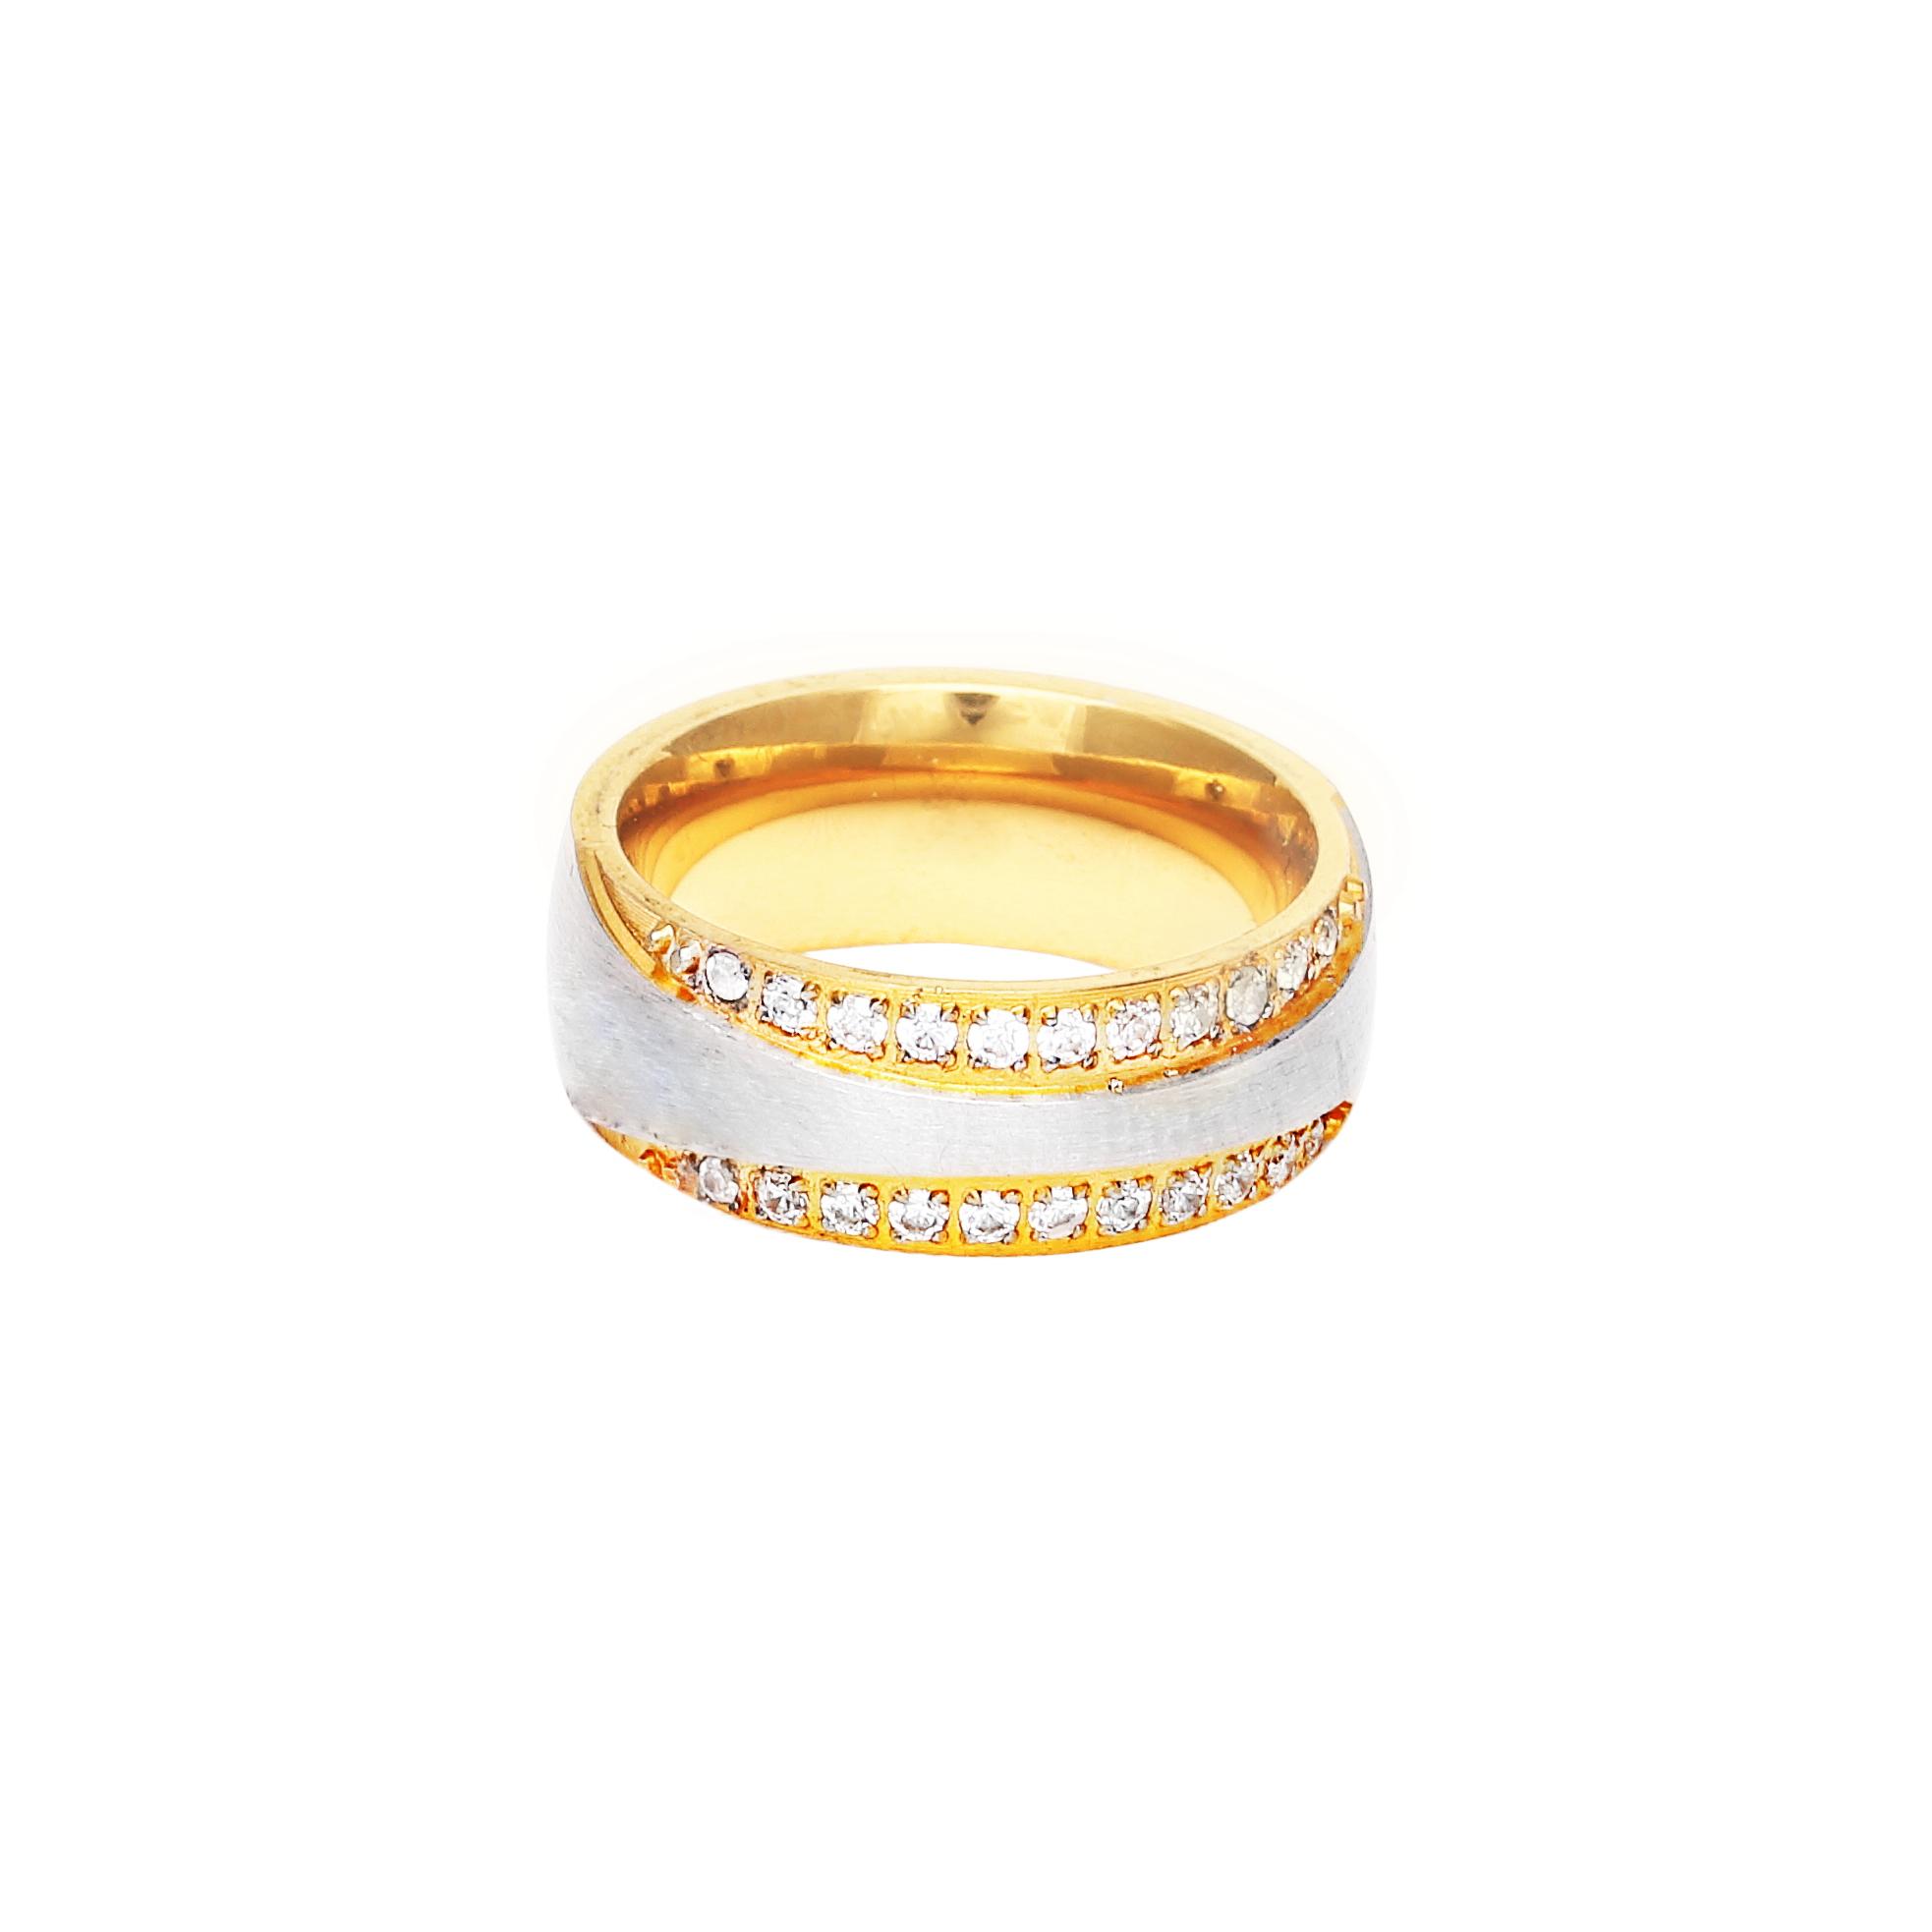 Дамска сватбена халка от жълто злато, с диаманти и декоративна ивица от бяло злато.